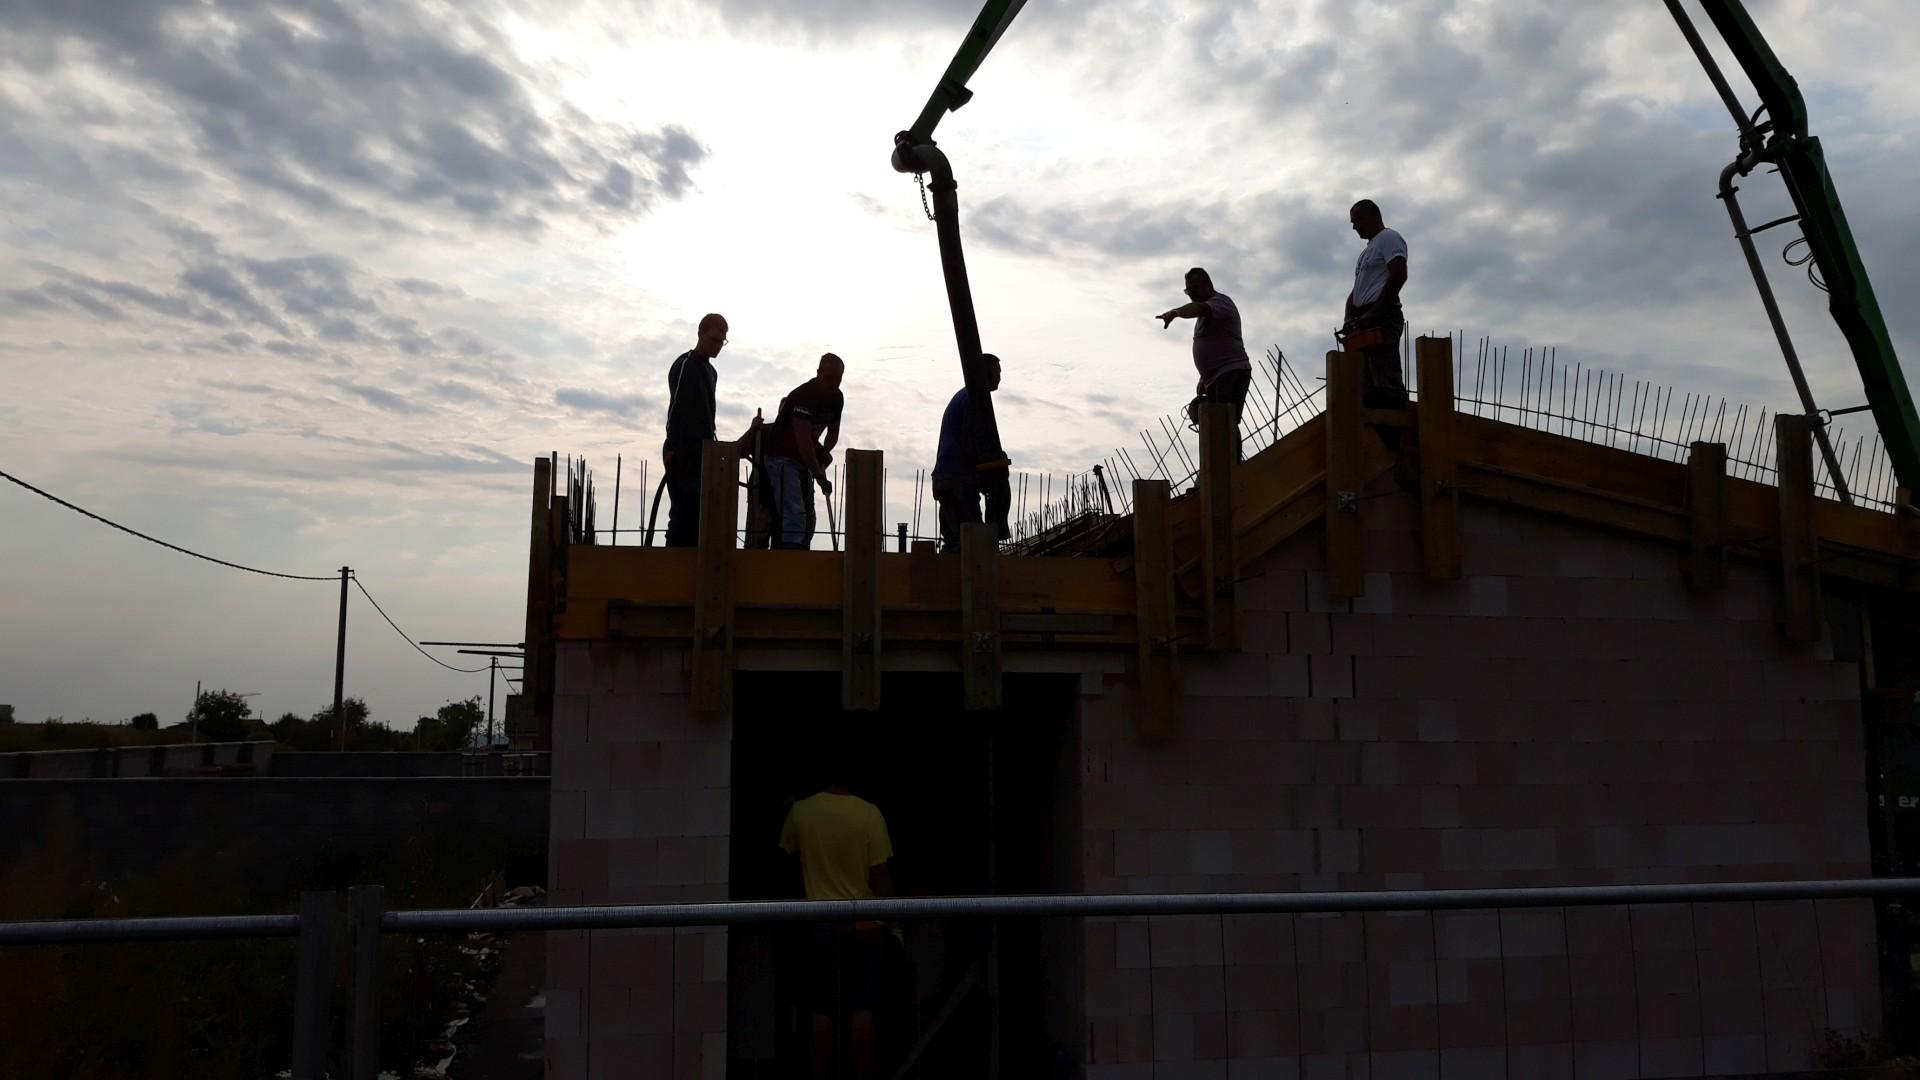 Vrchná stavba - VPC Kalksandstein murivo, zelená strecha - Konečne sa betónuje strop. Stavbyvedúci je nervózny, či sa to nezosype...